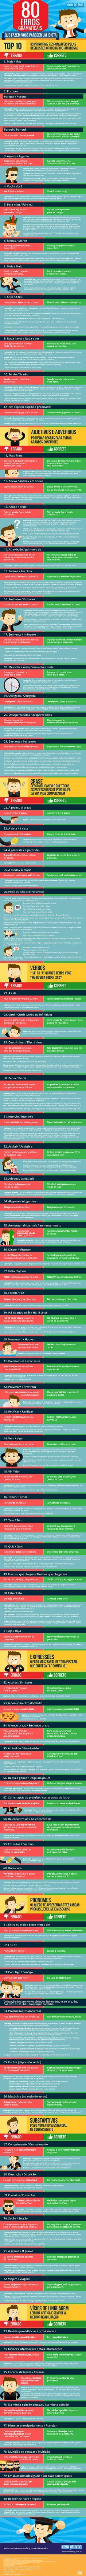 Infográfico traz 80 erros gramaticais que ninguém deve cometer | Catraca Livre